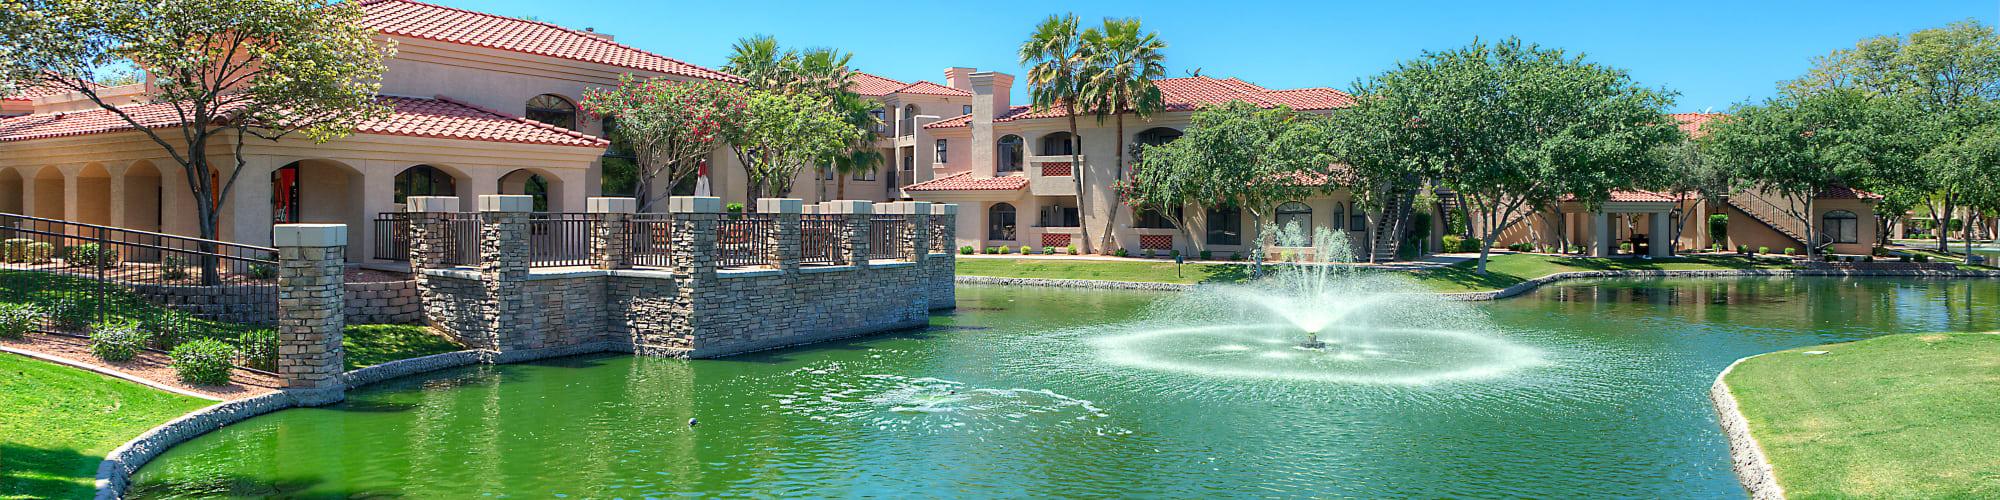 Photos of San Lagos in Glendale, Arizona